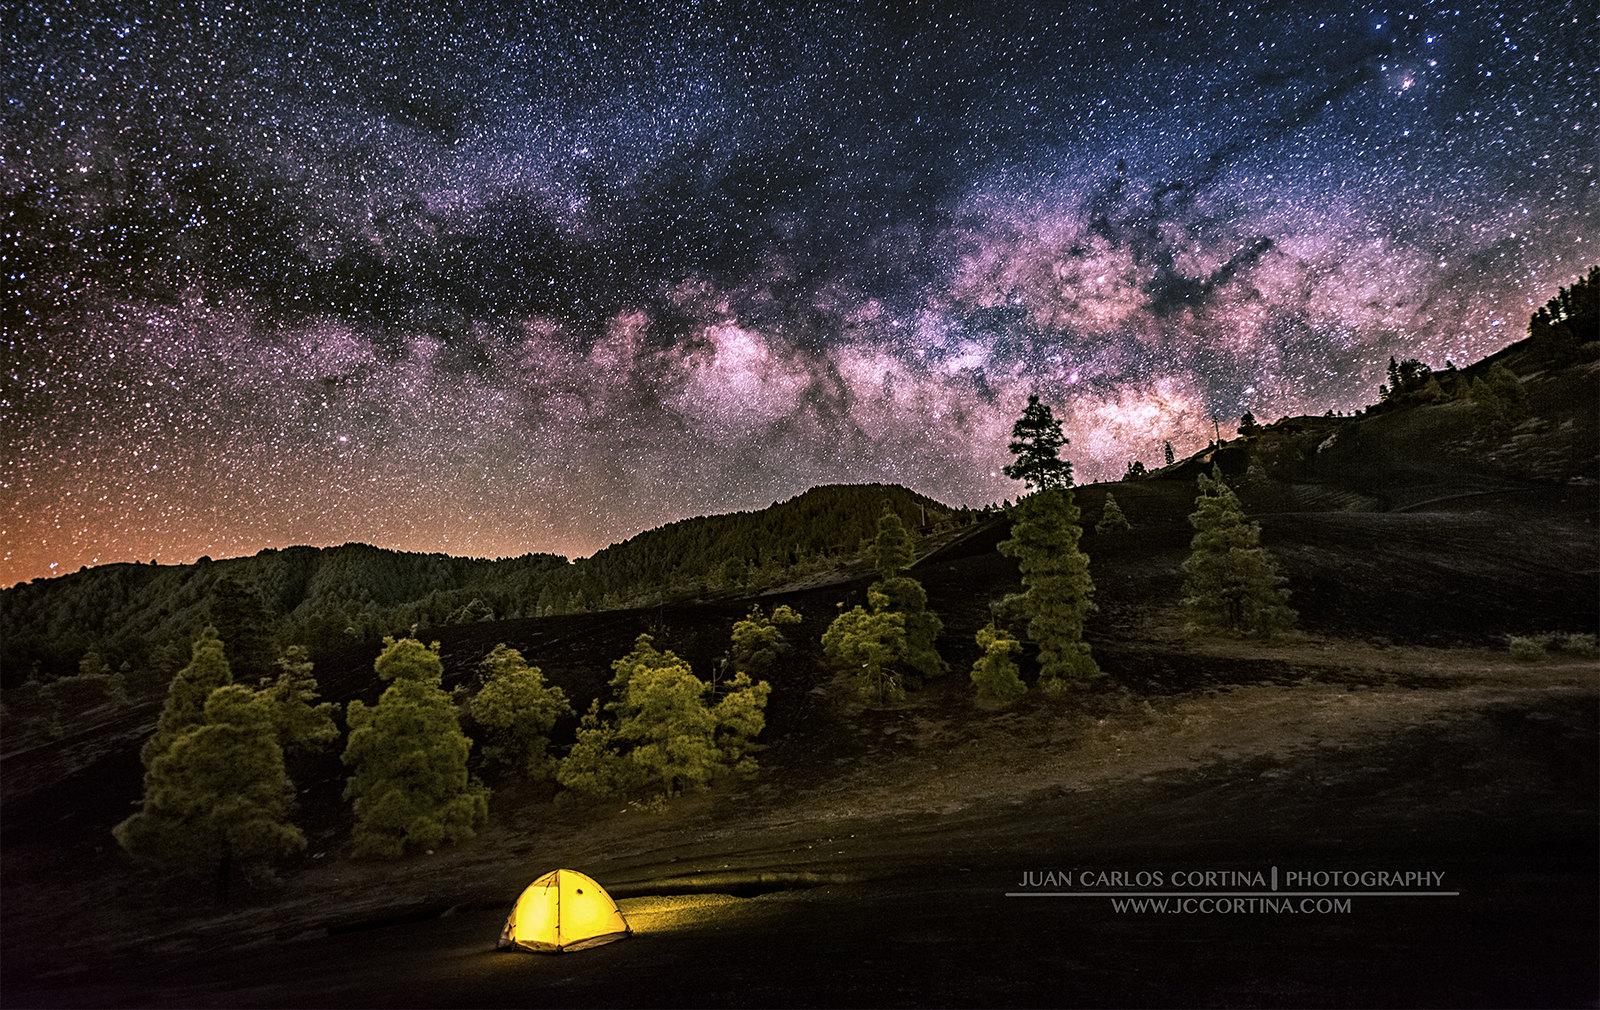 El Bosque Nocturno, Foto ganadora del tercer premio del concurso internacional de astrofotografía de La Palma 2017